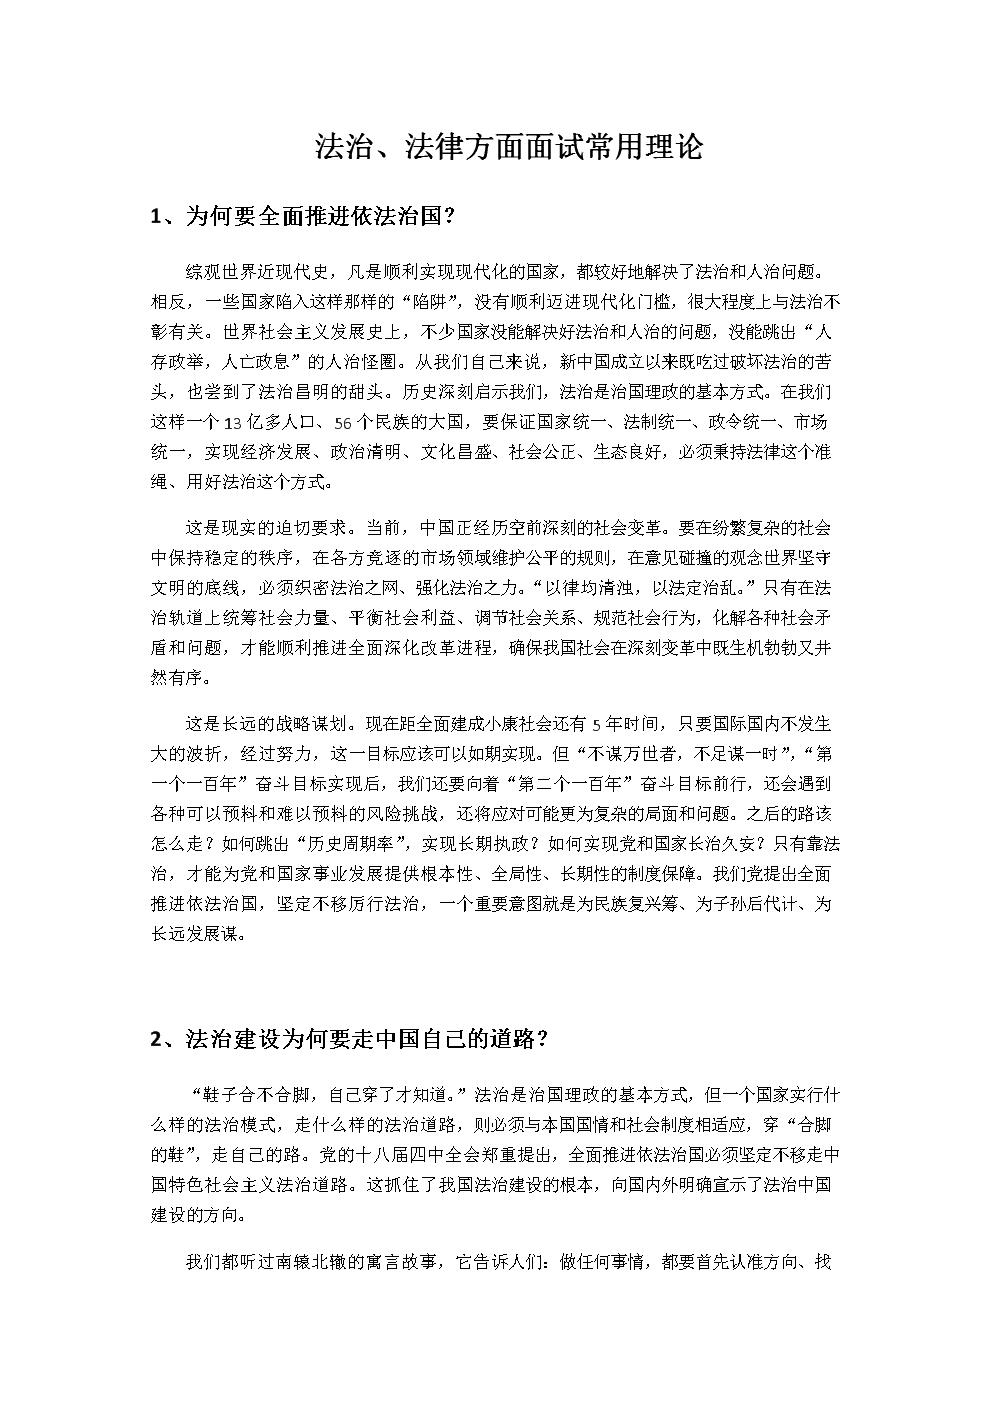 公务员面试中法治相关理论.docx